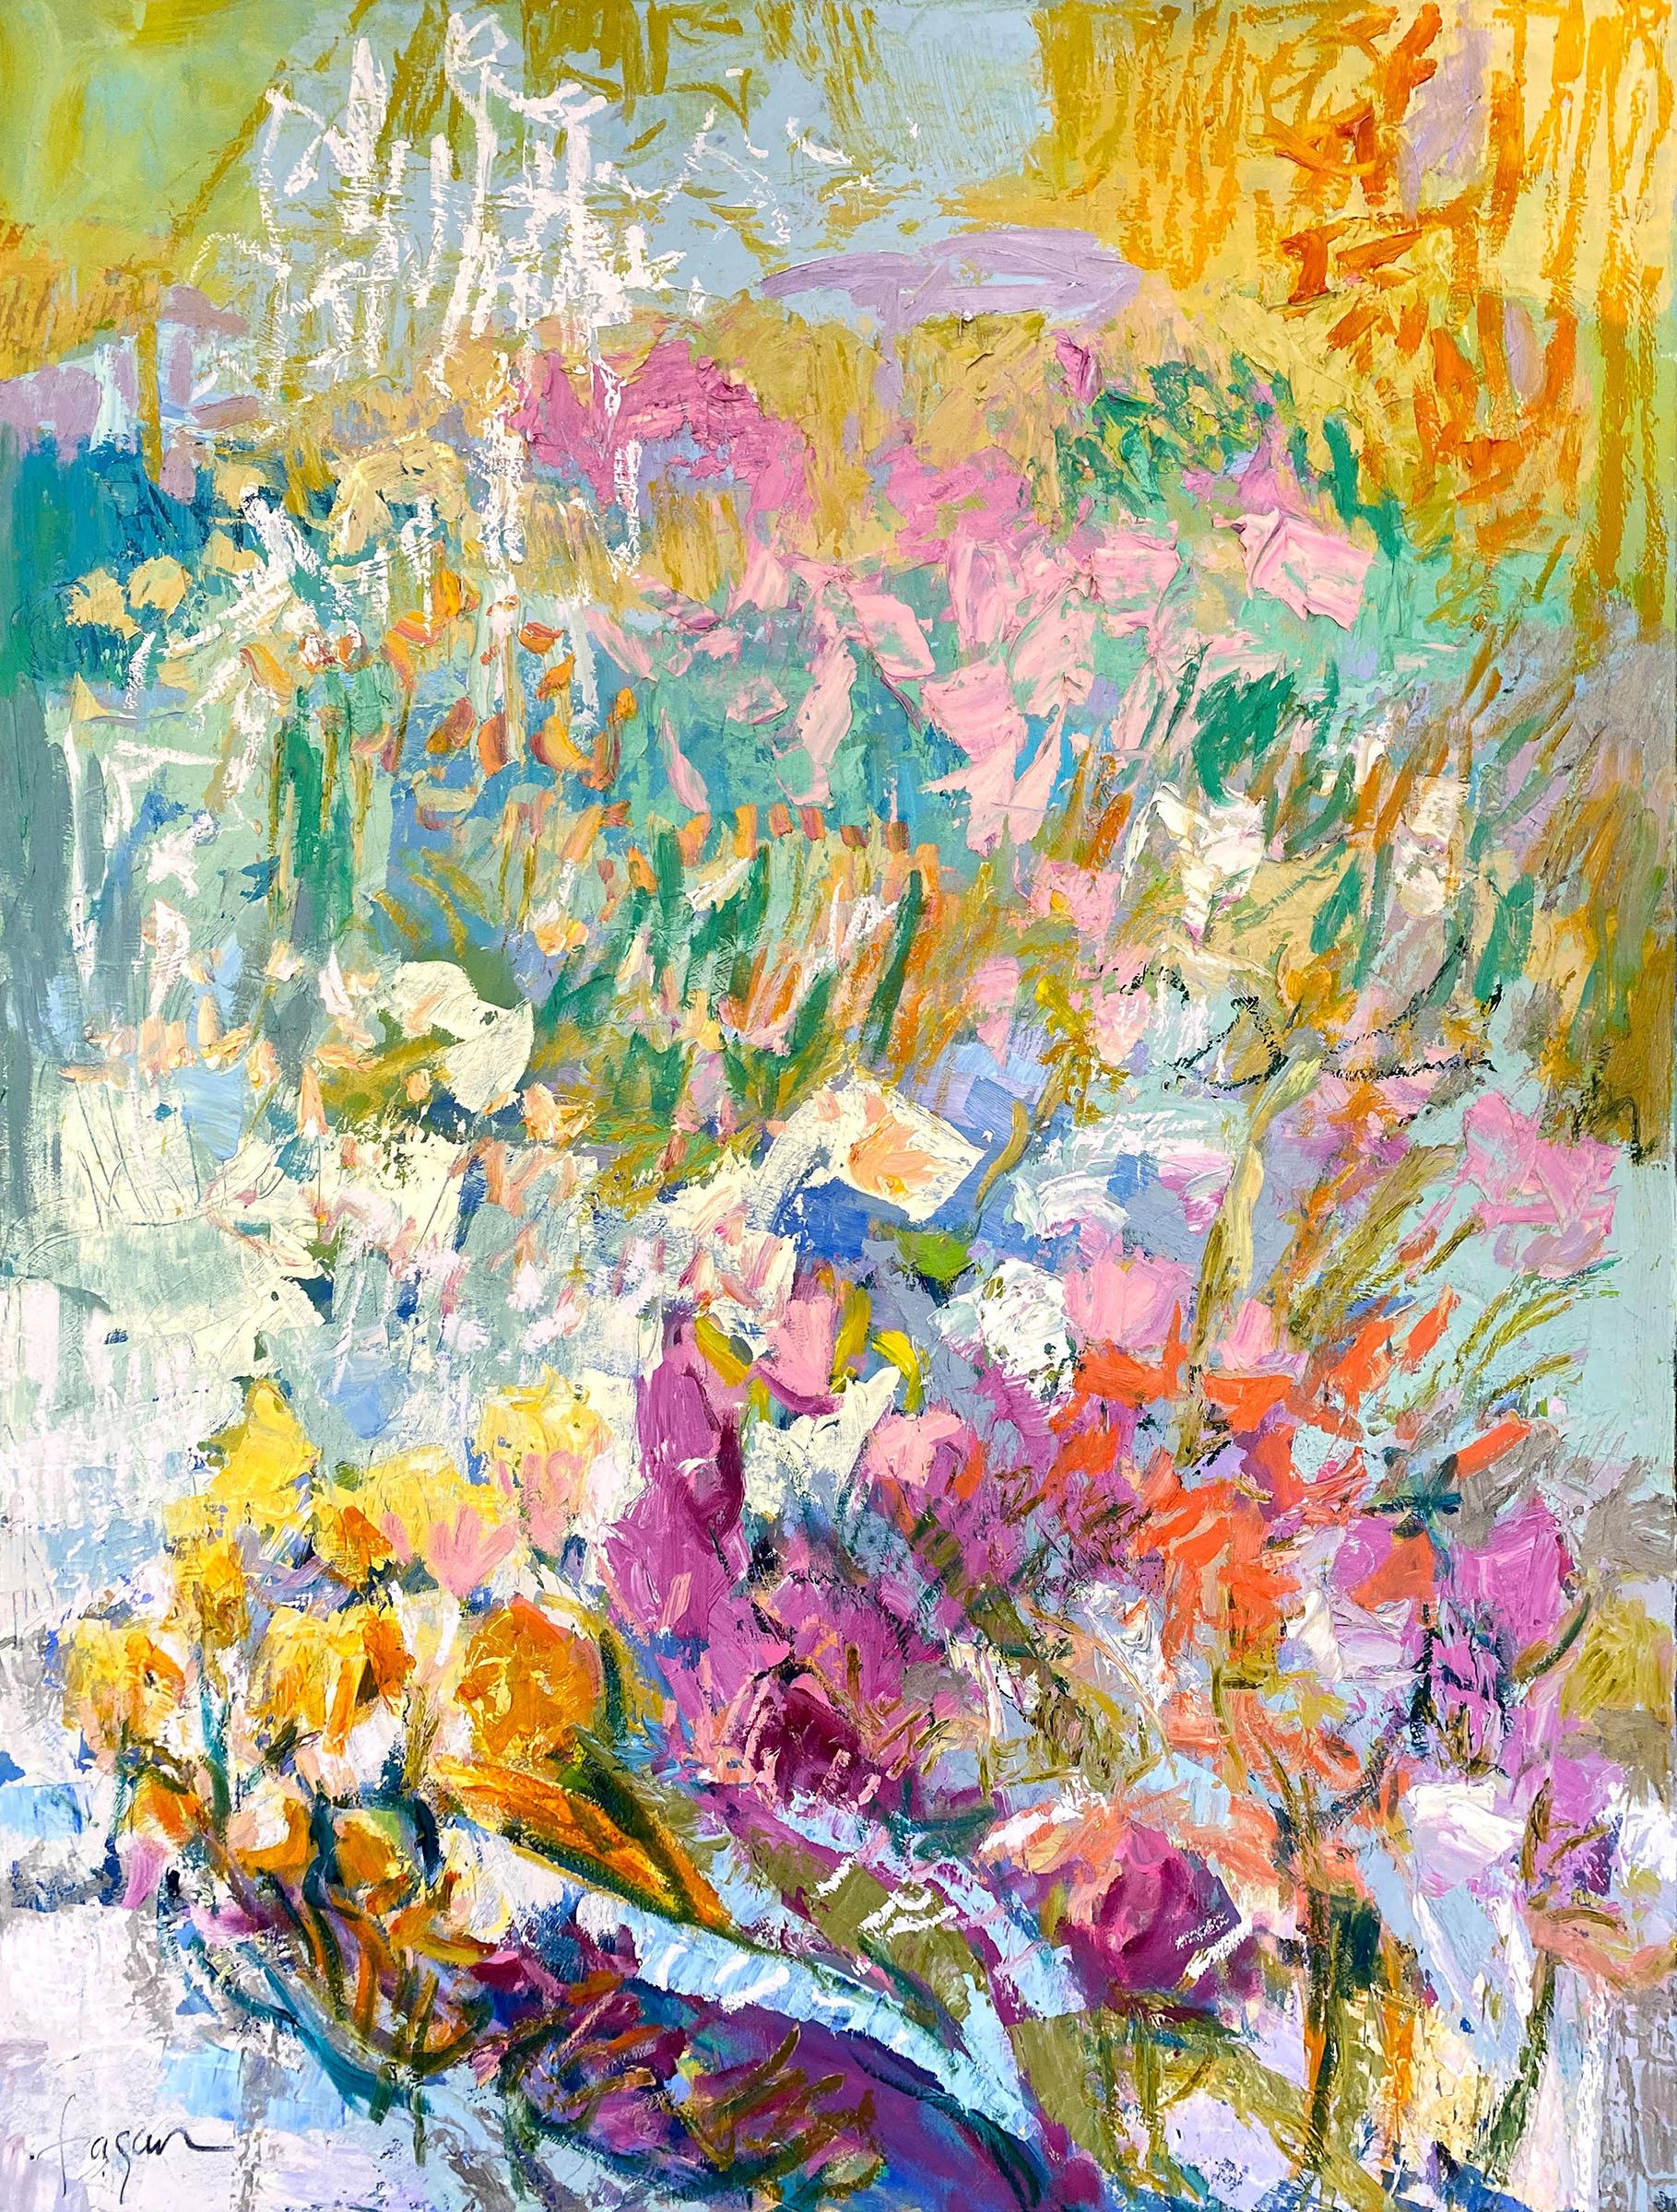 Heavenly day 2400 catbay